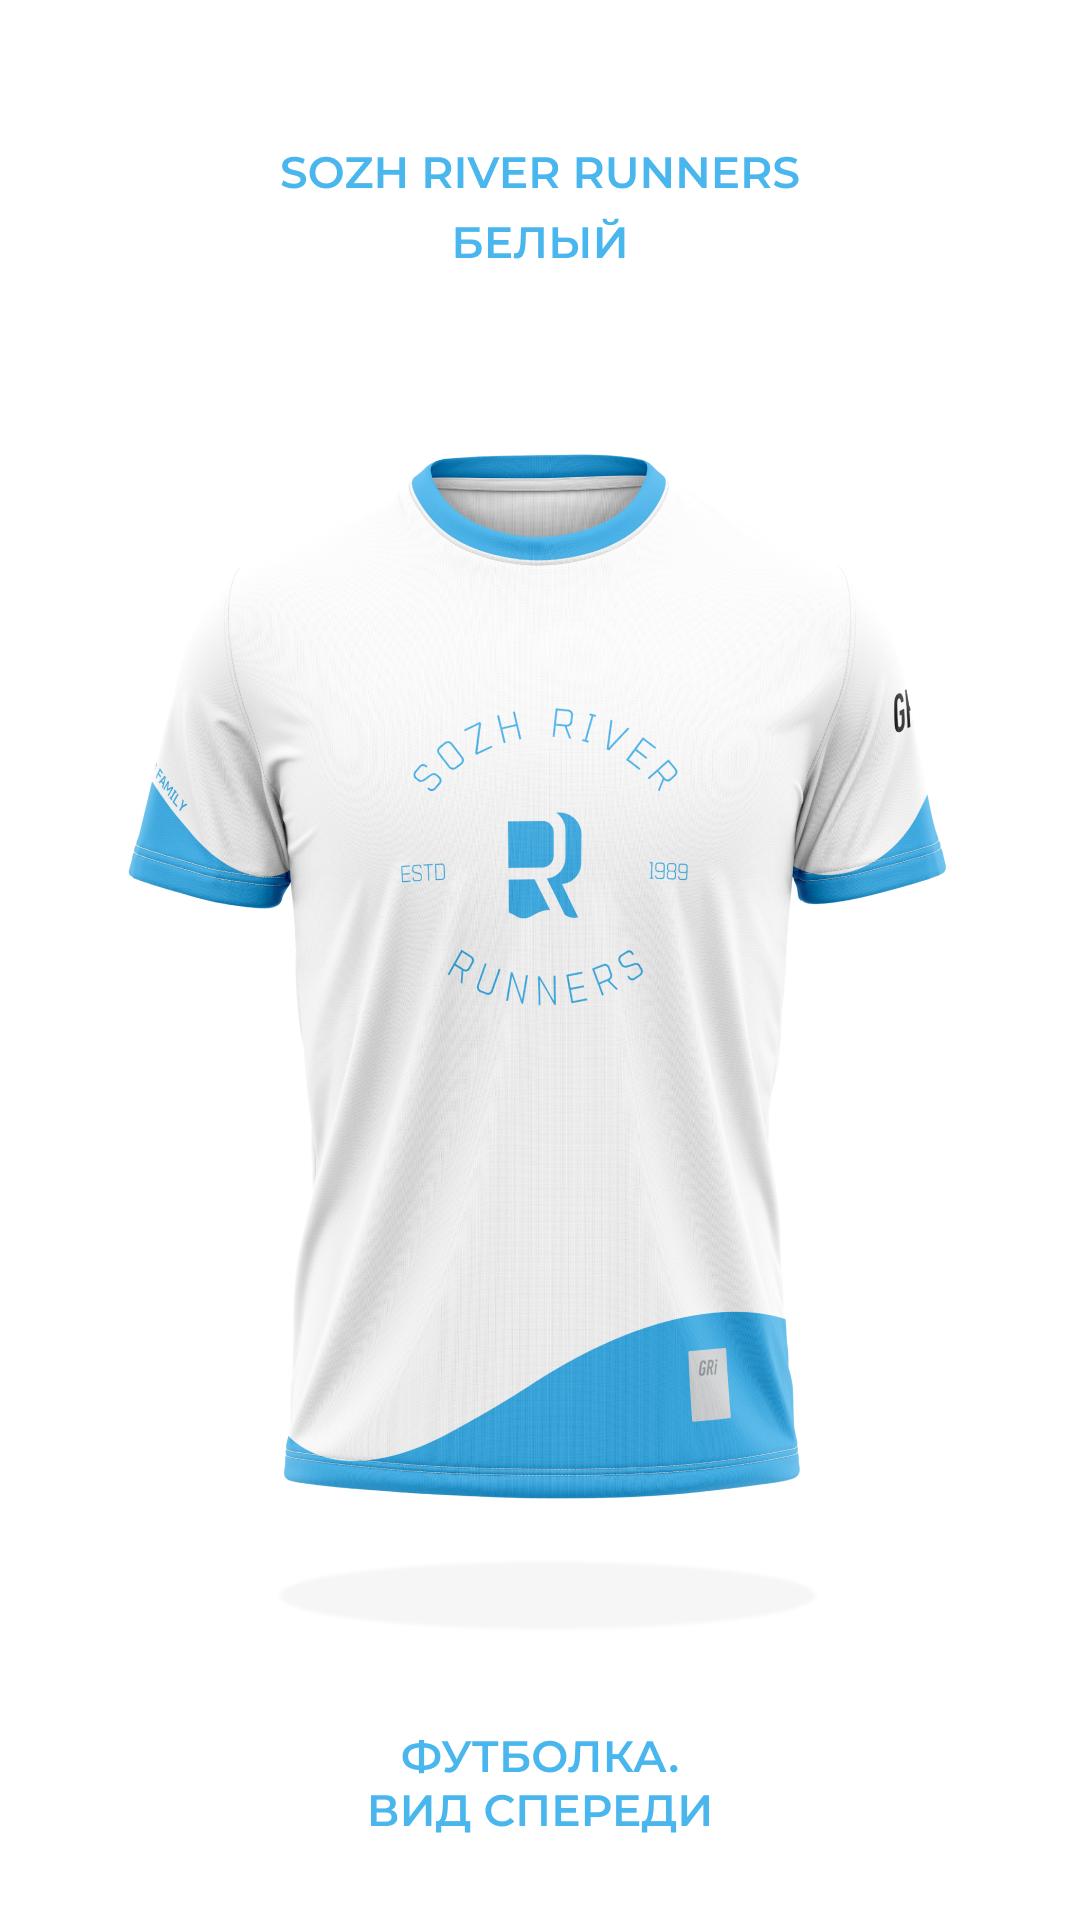 Футболка клубная GRi SRR, белая, мужская